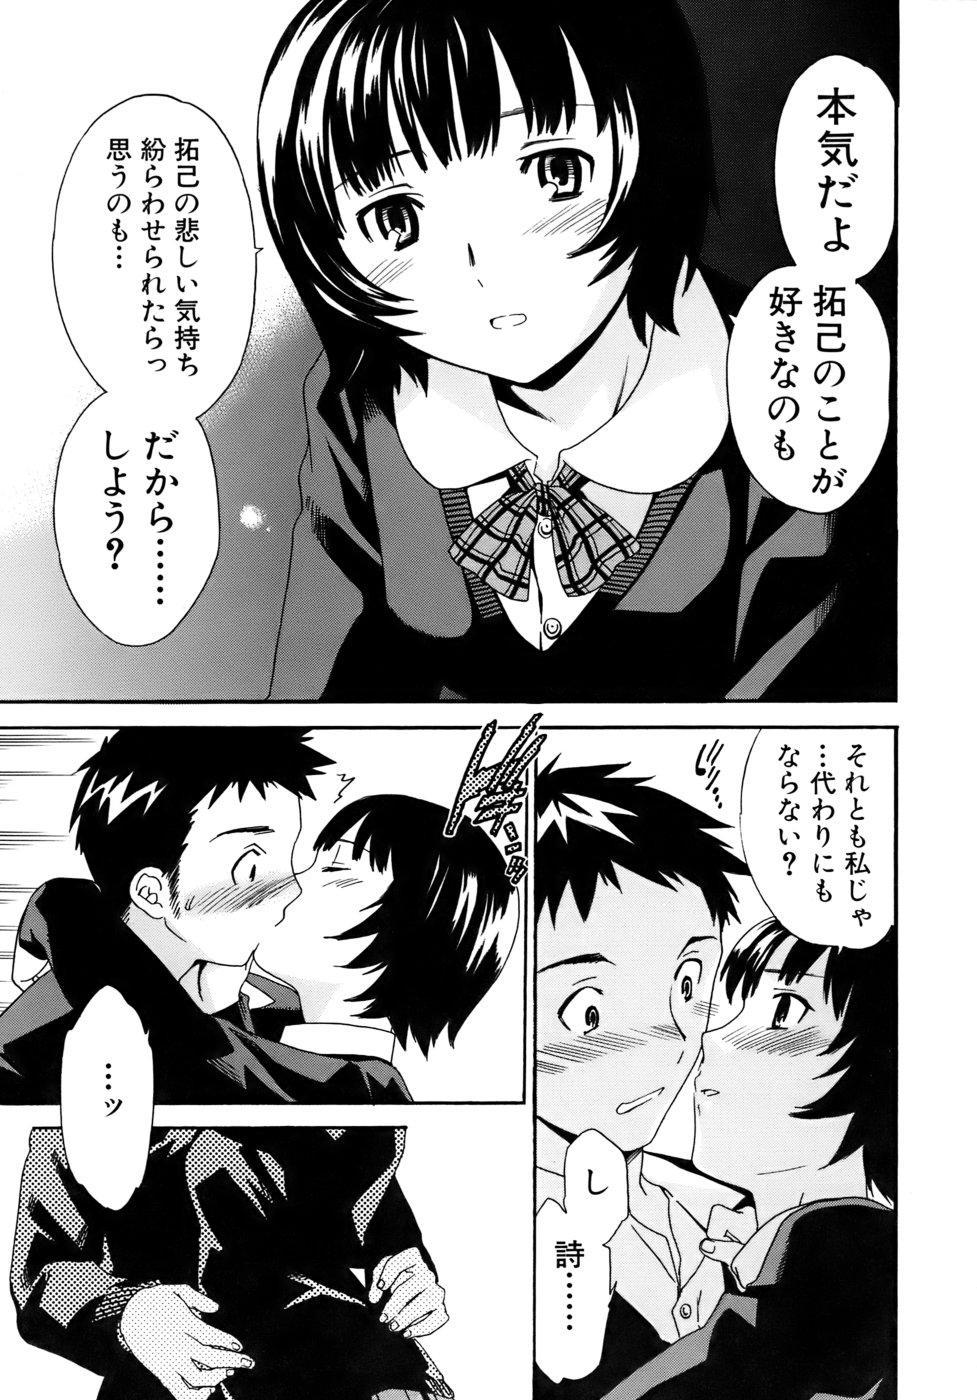 Kanojo no Bitai - Her Coquetry 47